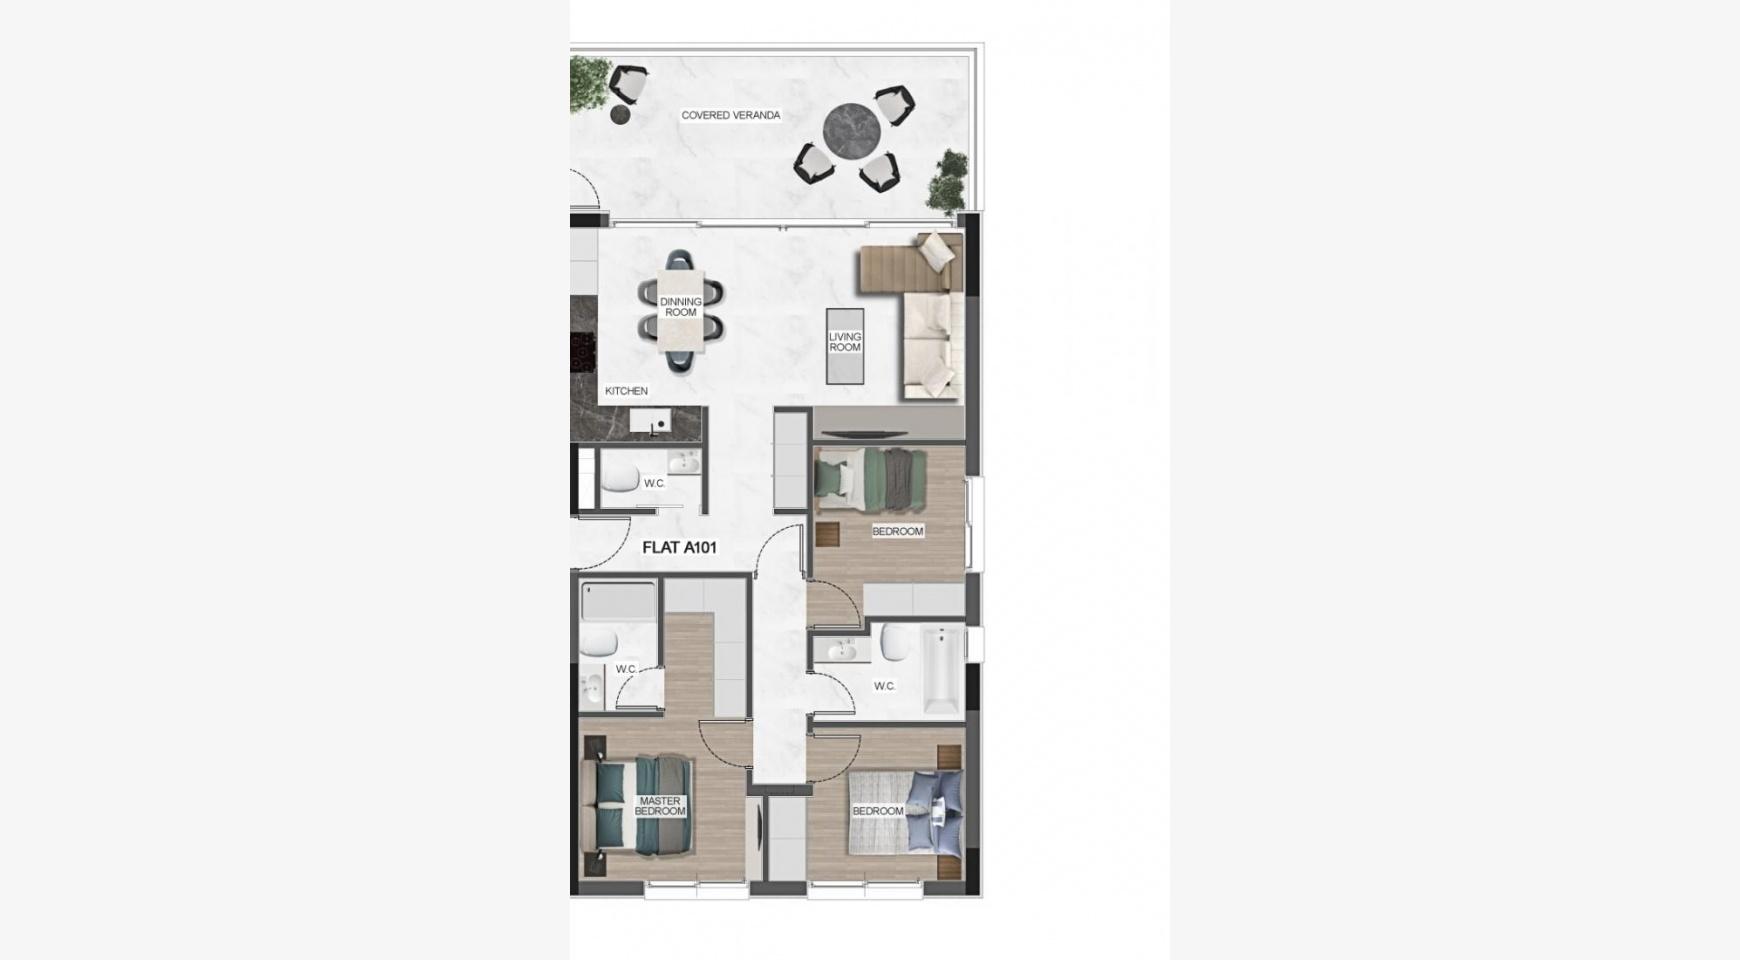 Urban City Residences, Кв. B 401. 3-Спальная Квартира в Новом Комплексе в Центре Города - 41